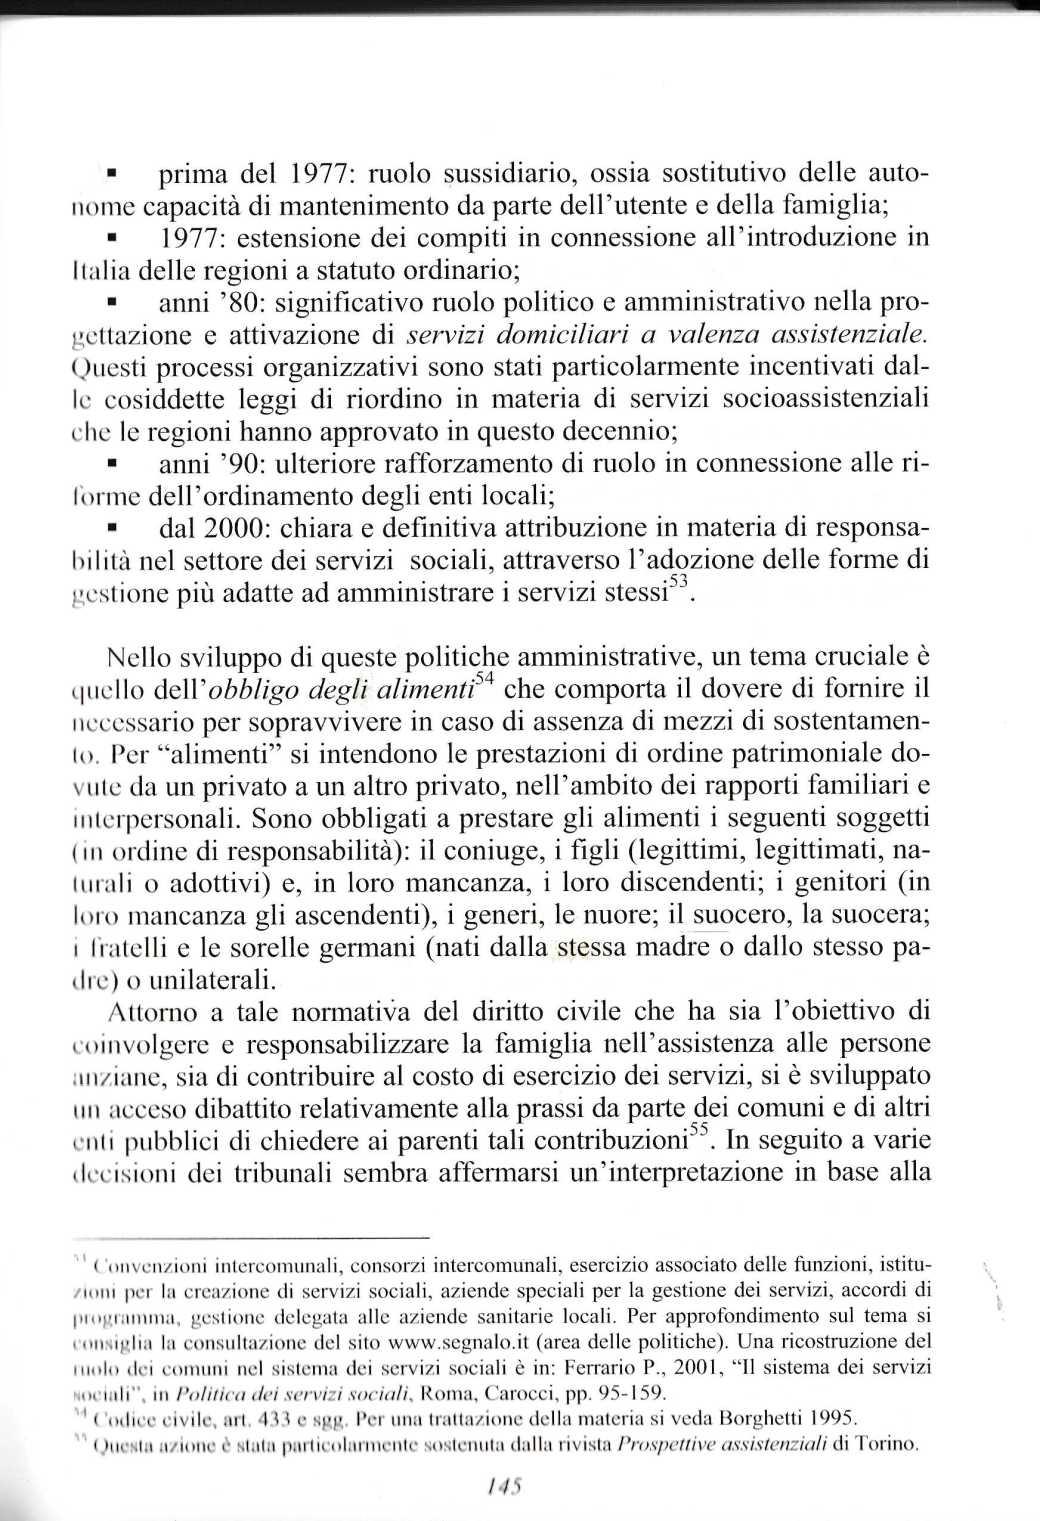 anziani politiche servizi 2005 ferrario paolo1328